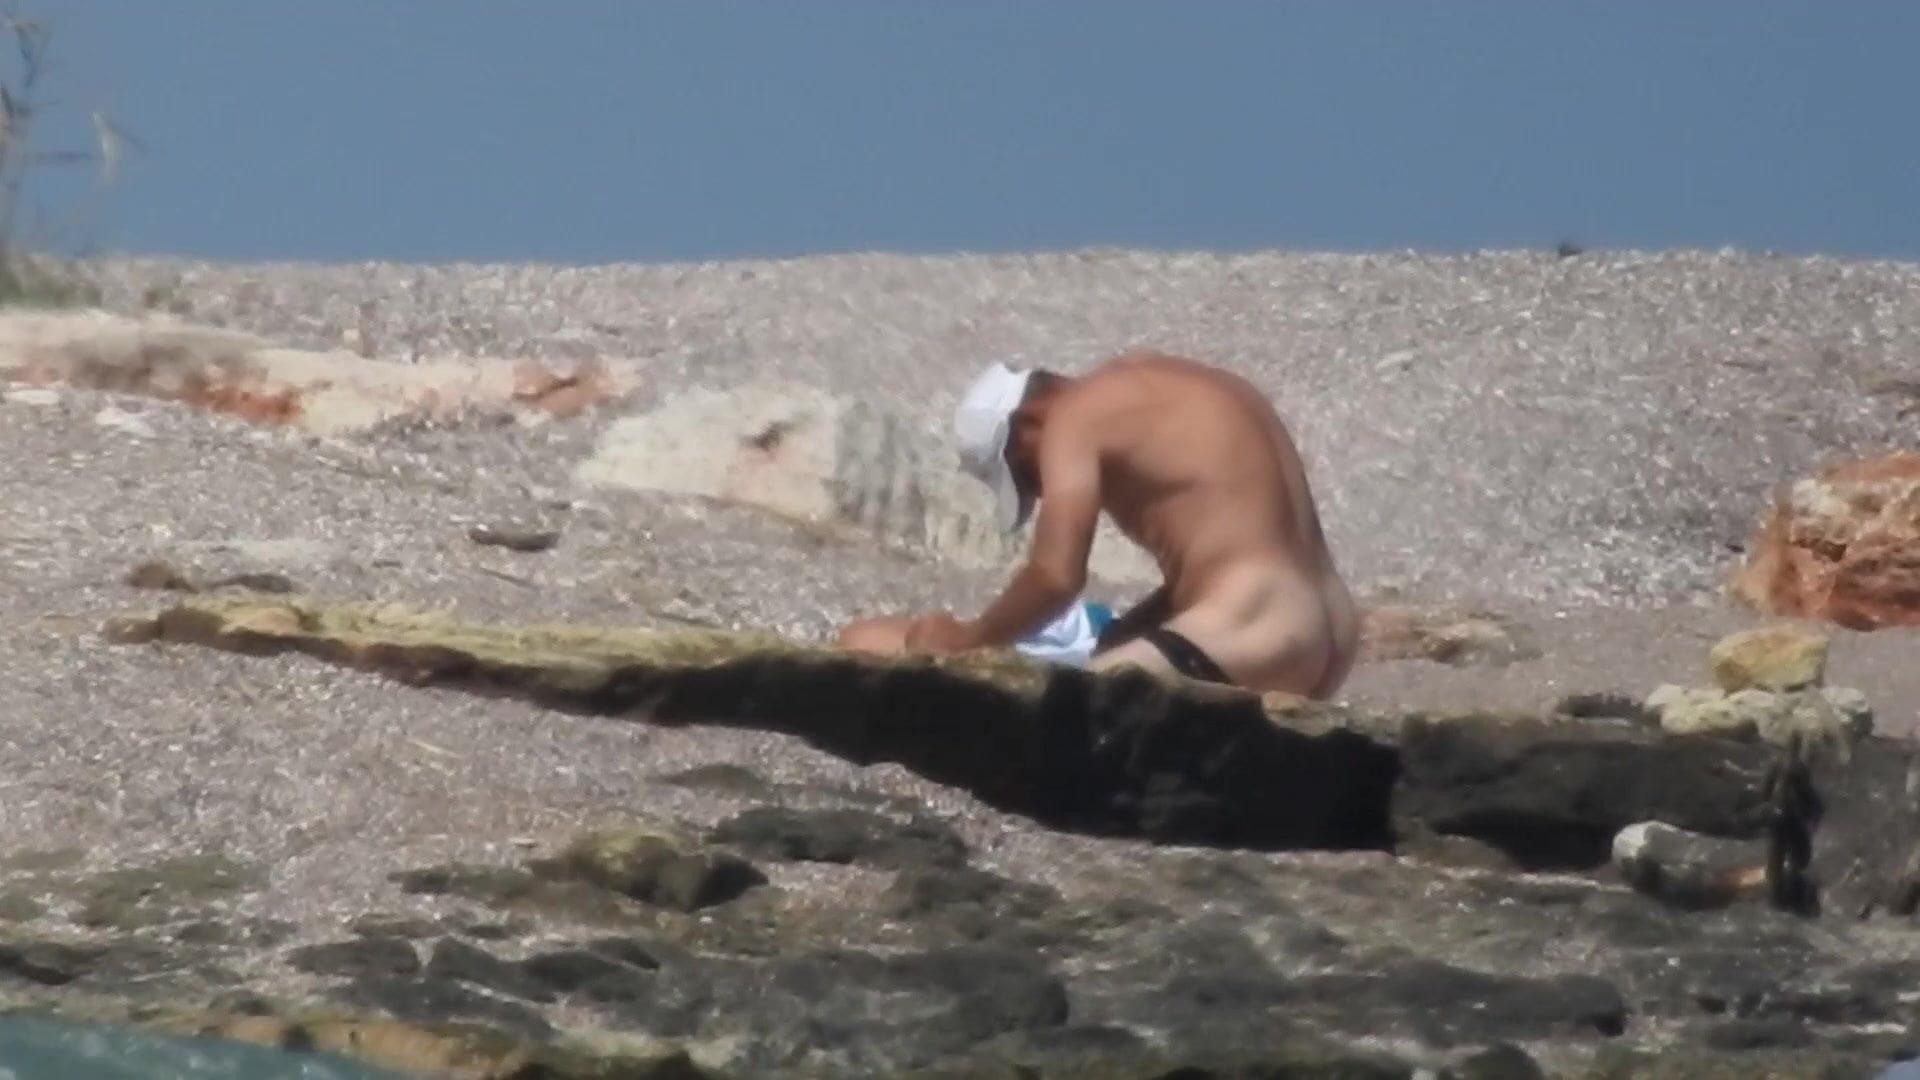 Какое Наказание За Появление На Пляже Обнаженным